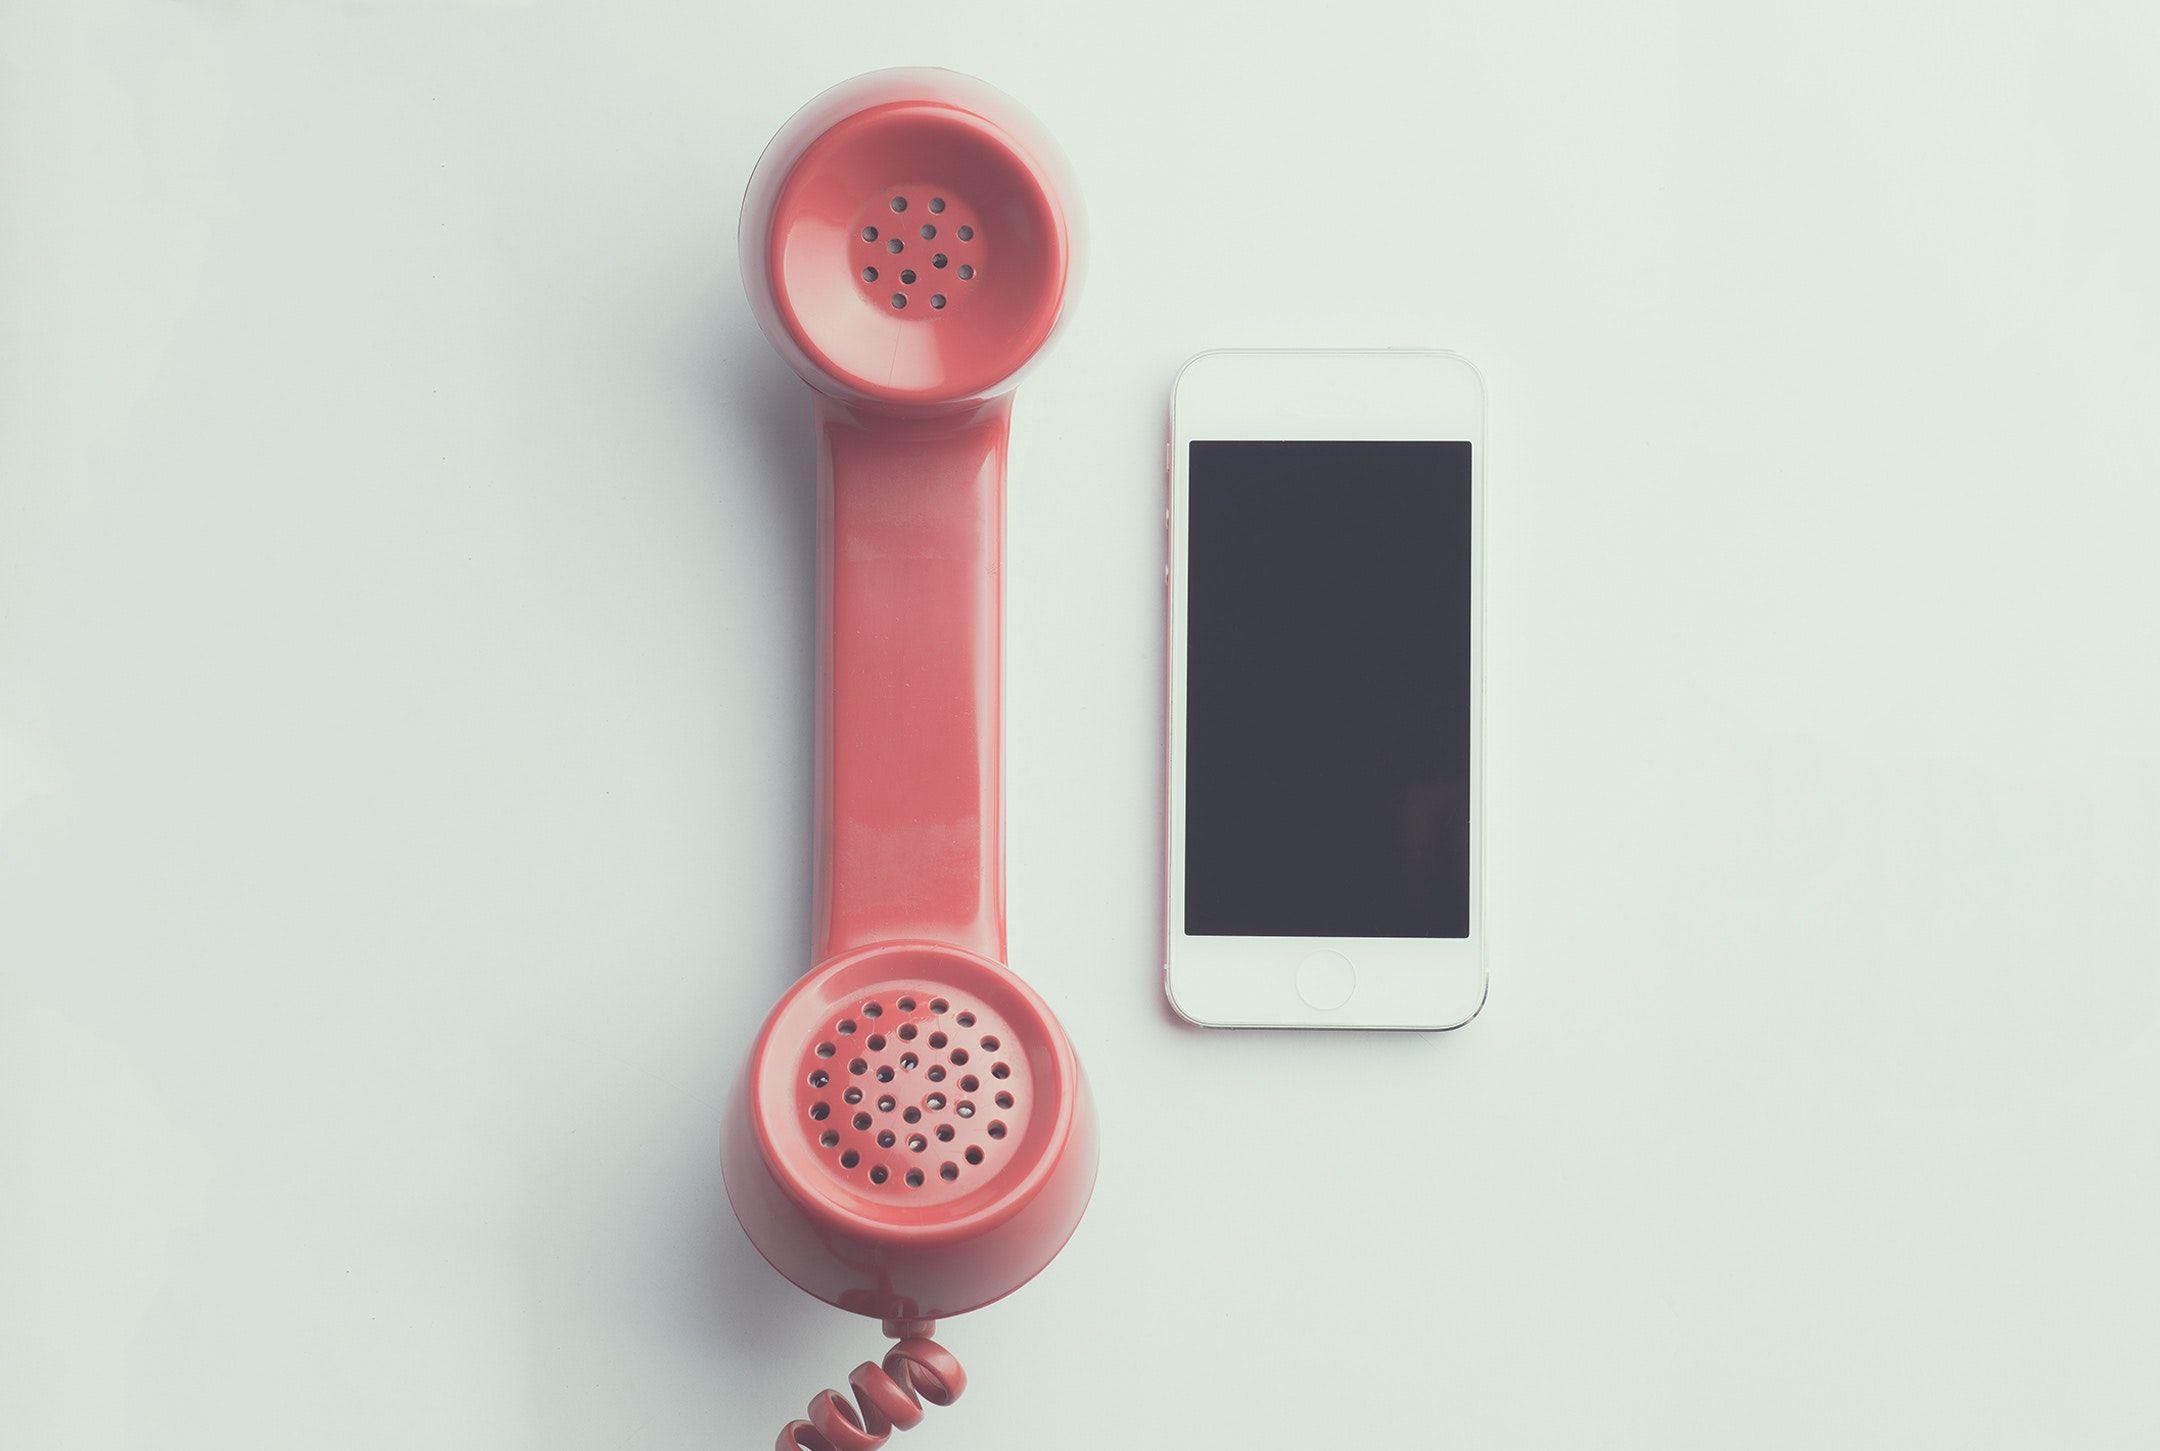 смартфтон, телефон